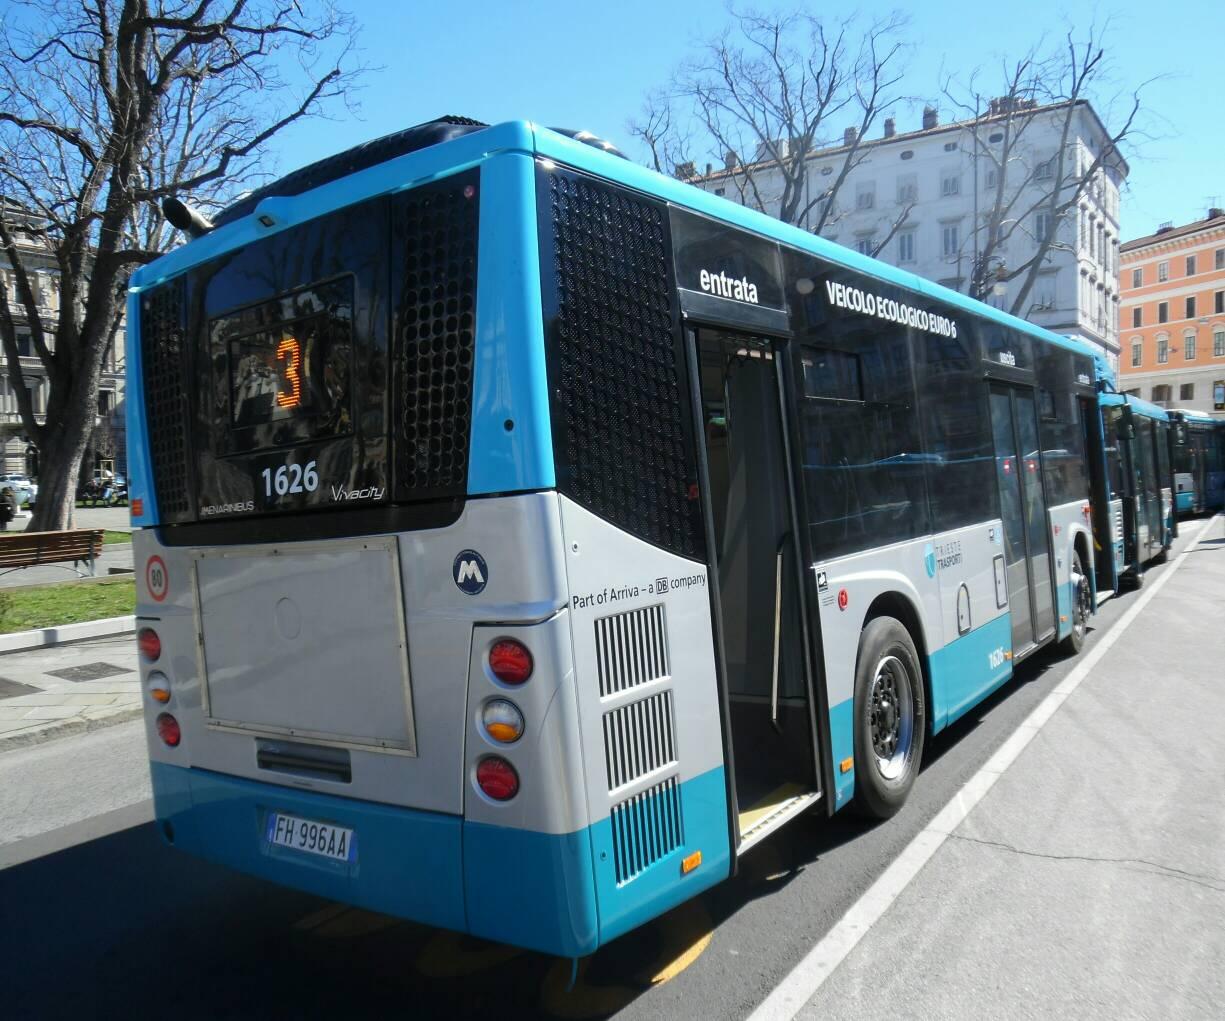 autobus 8 trieste orario - photo#3